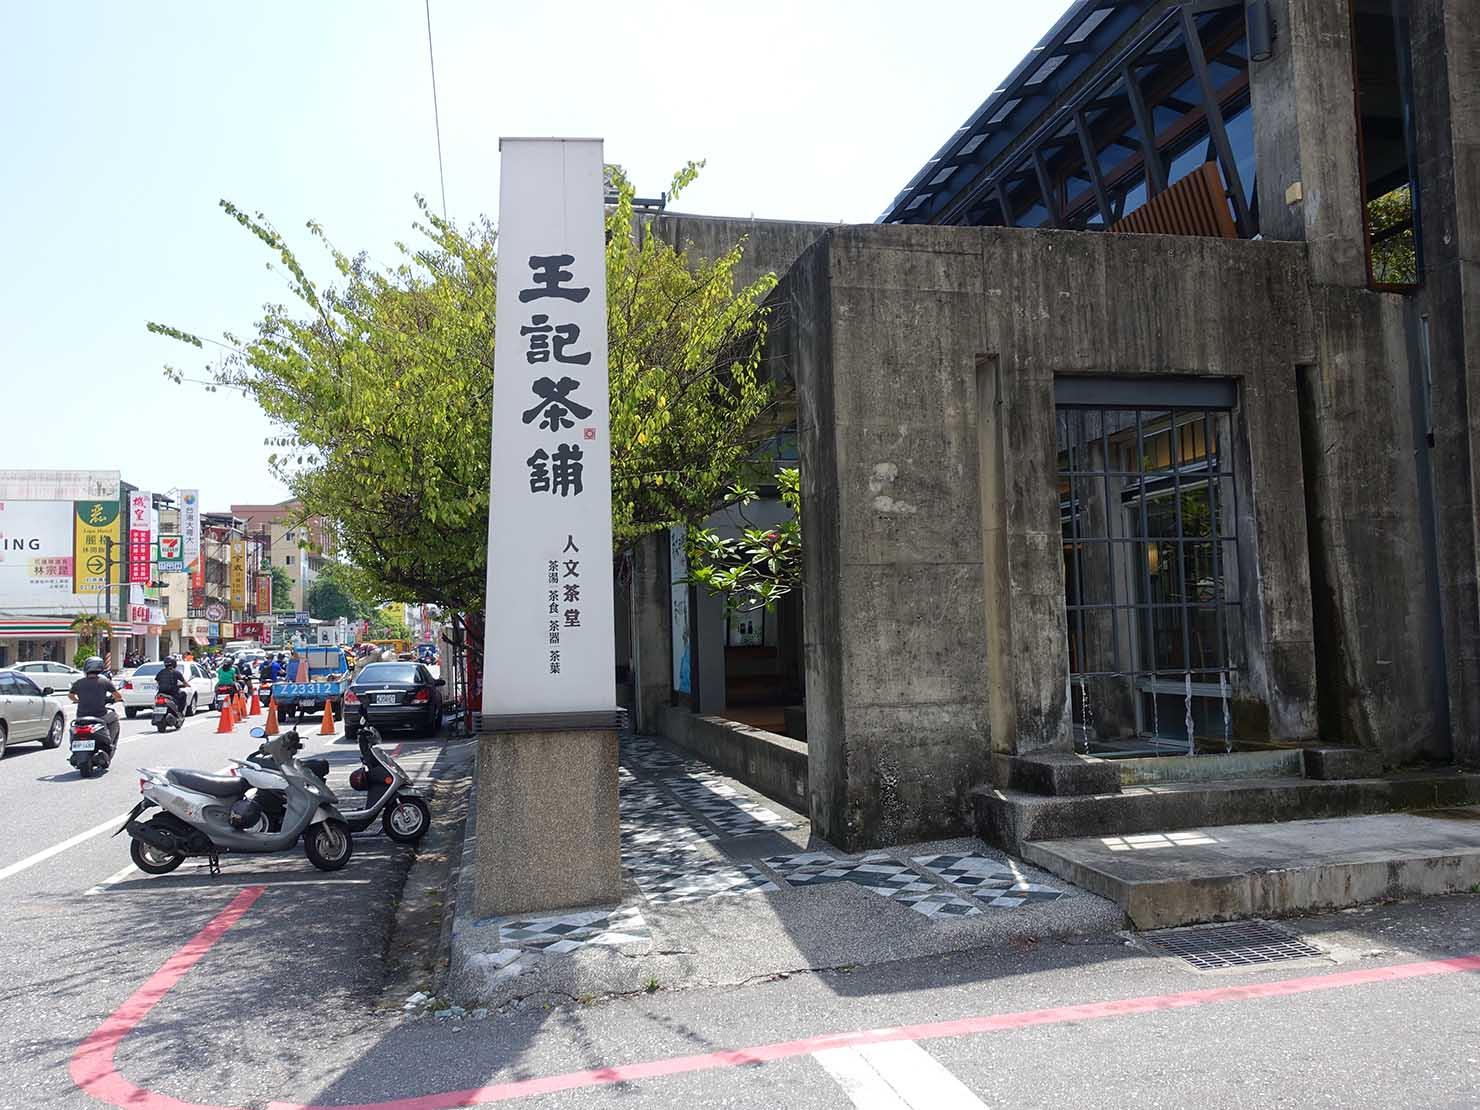 花蓮・中山路にある美味しいタピオカミルクのお店「王家茶舖」の外観